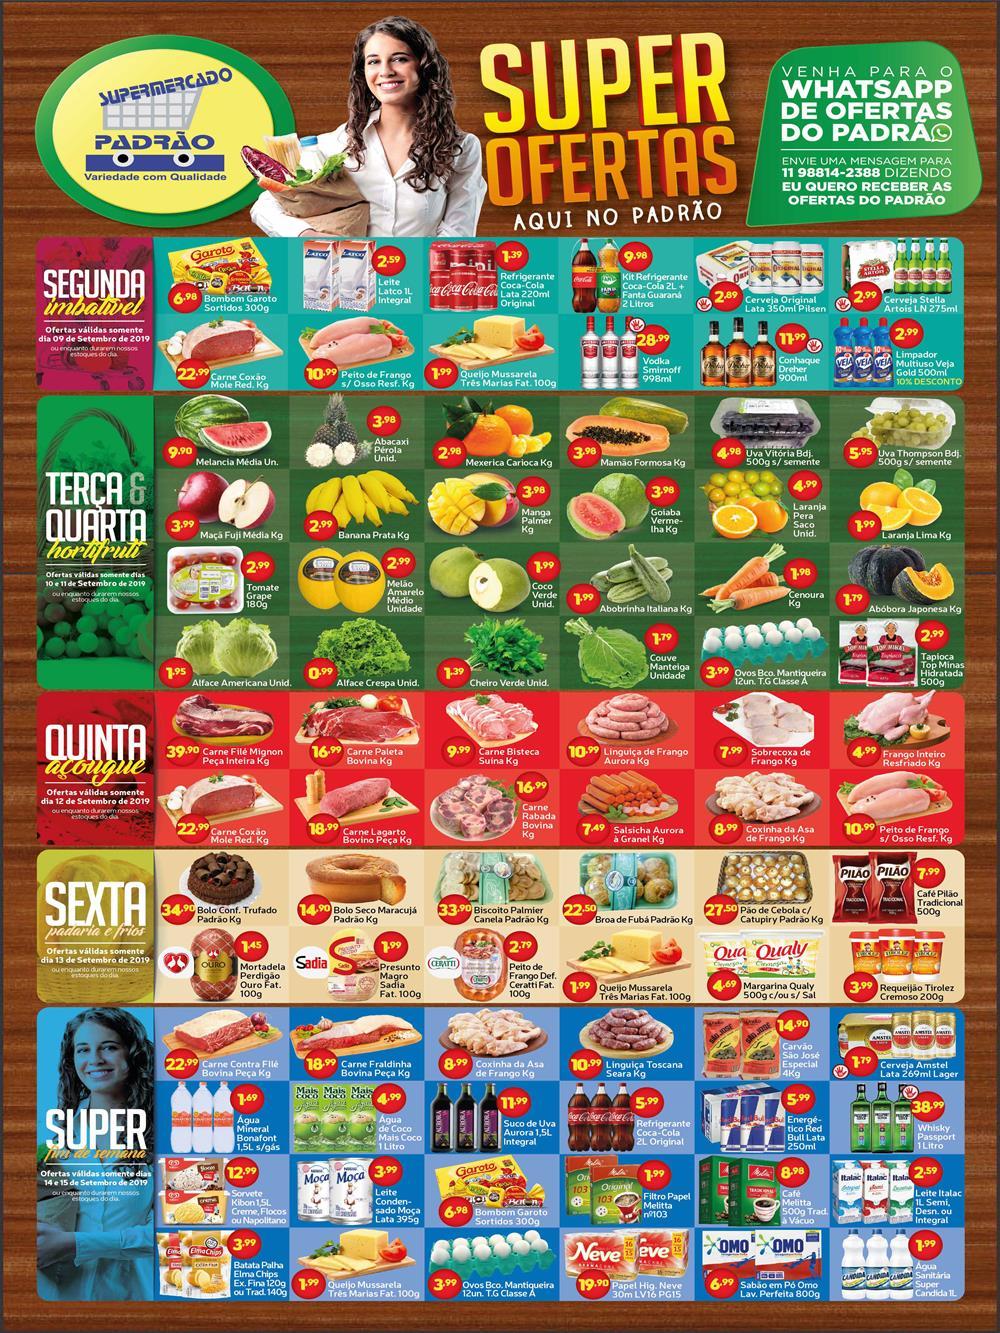 Ofertas-padrao1-1 Supermercados